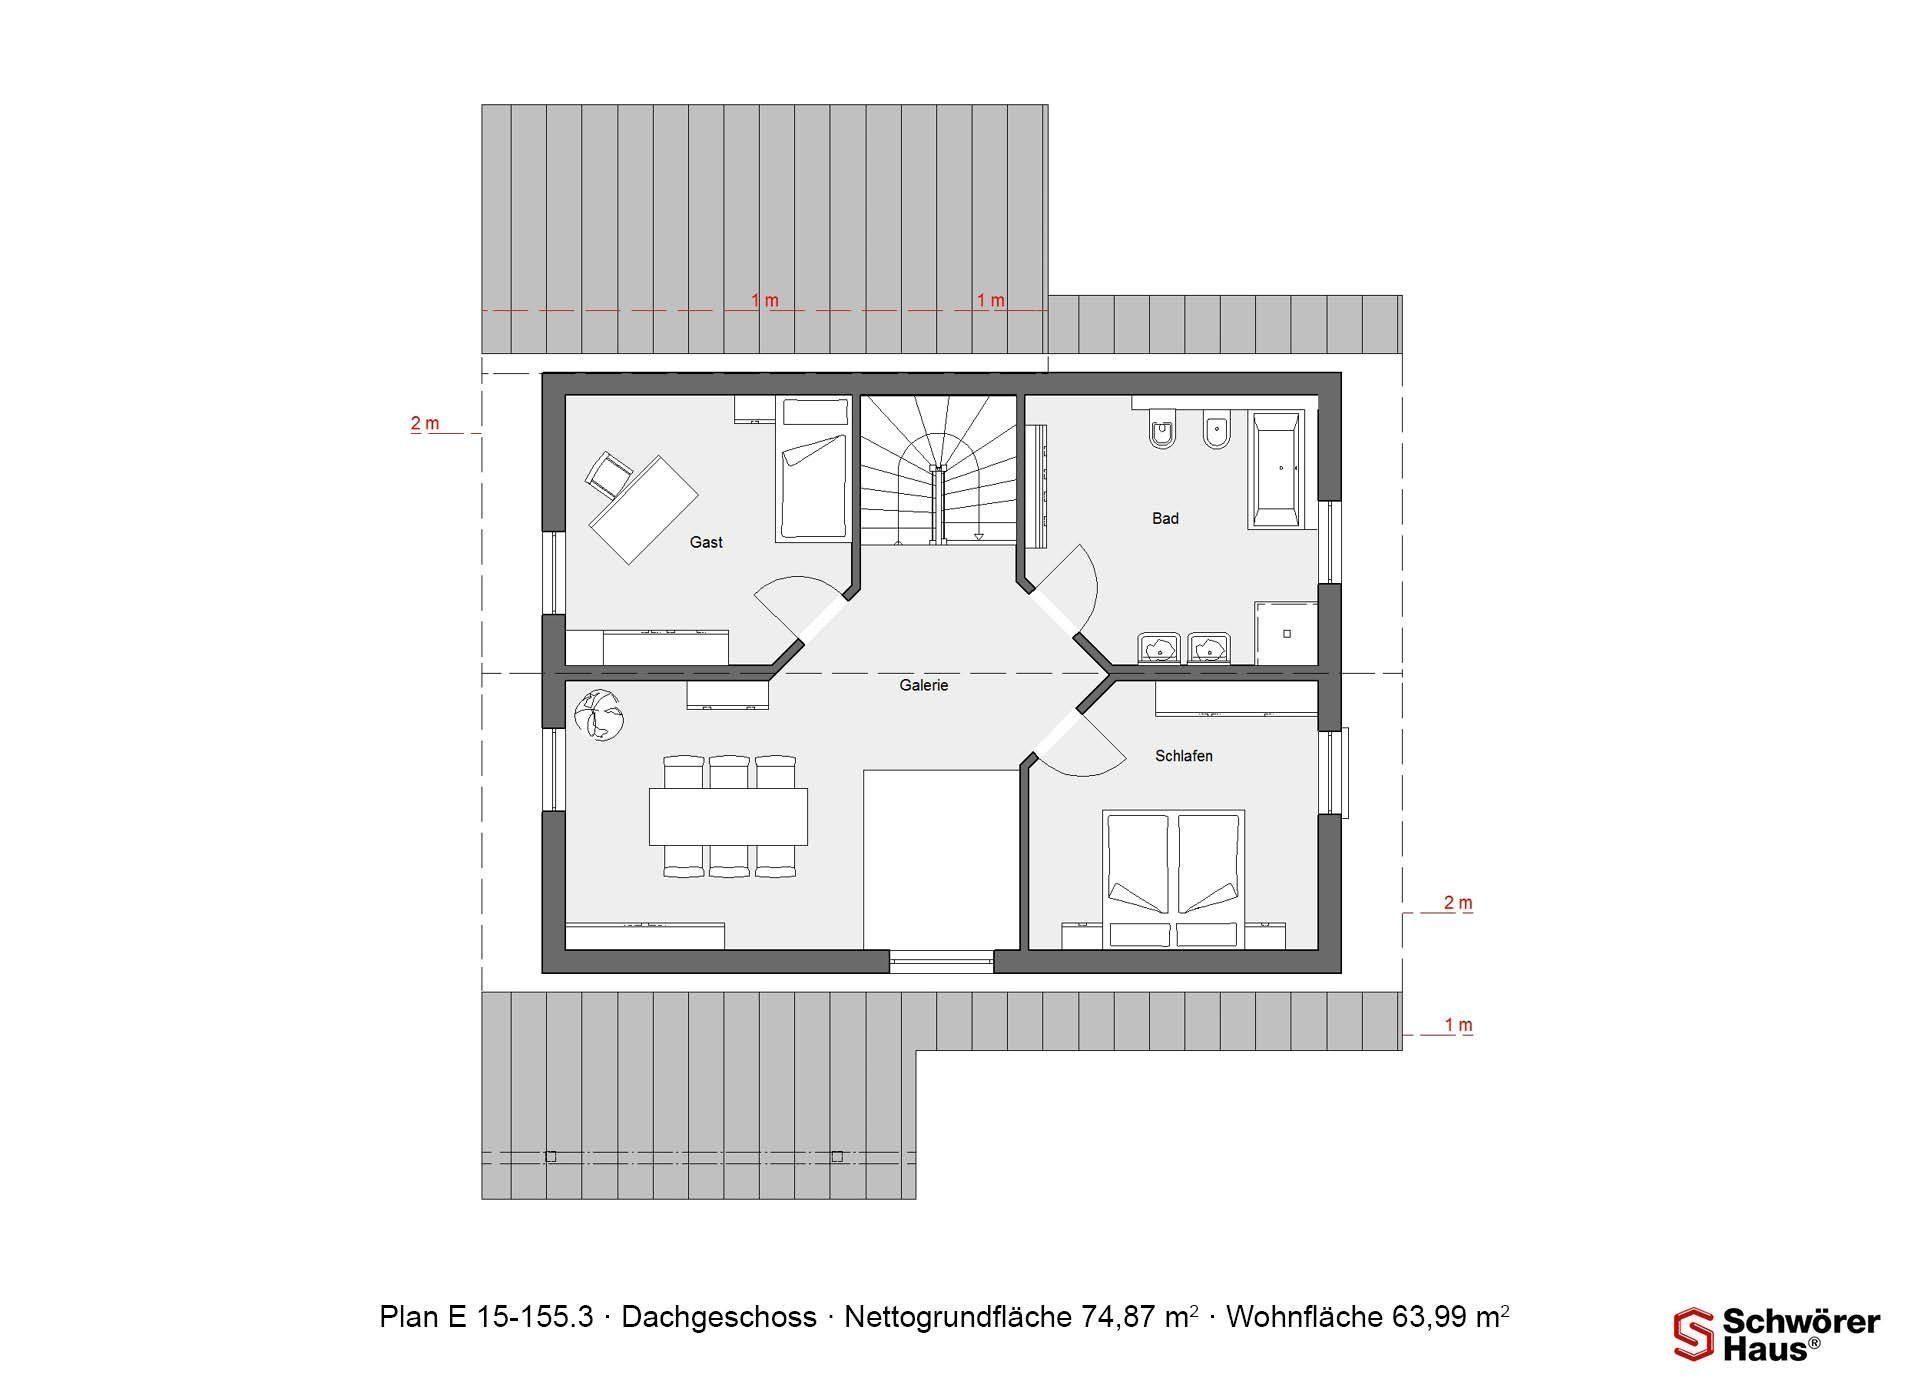 Haus Hälker - Eine Nahaufnahme einer Uhr - Gebäudeplan